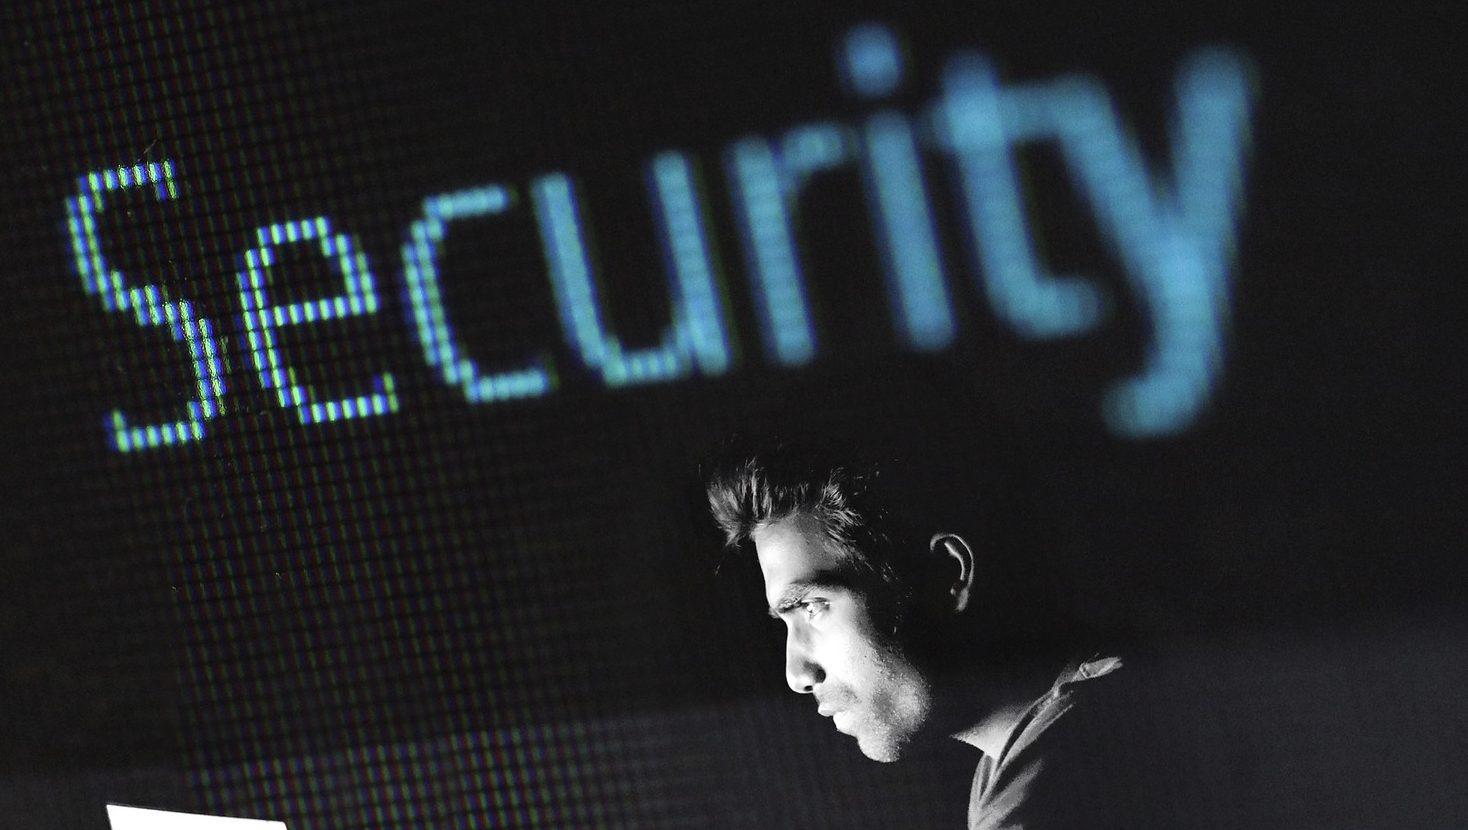 חברת CyberCube: המבטחים בעולם נדרשים לסייע בתקינת סייבר